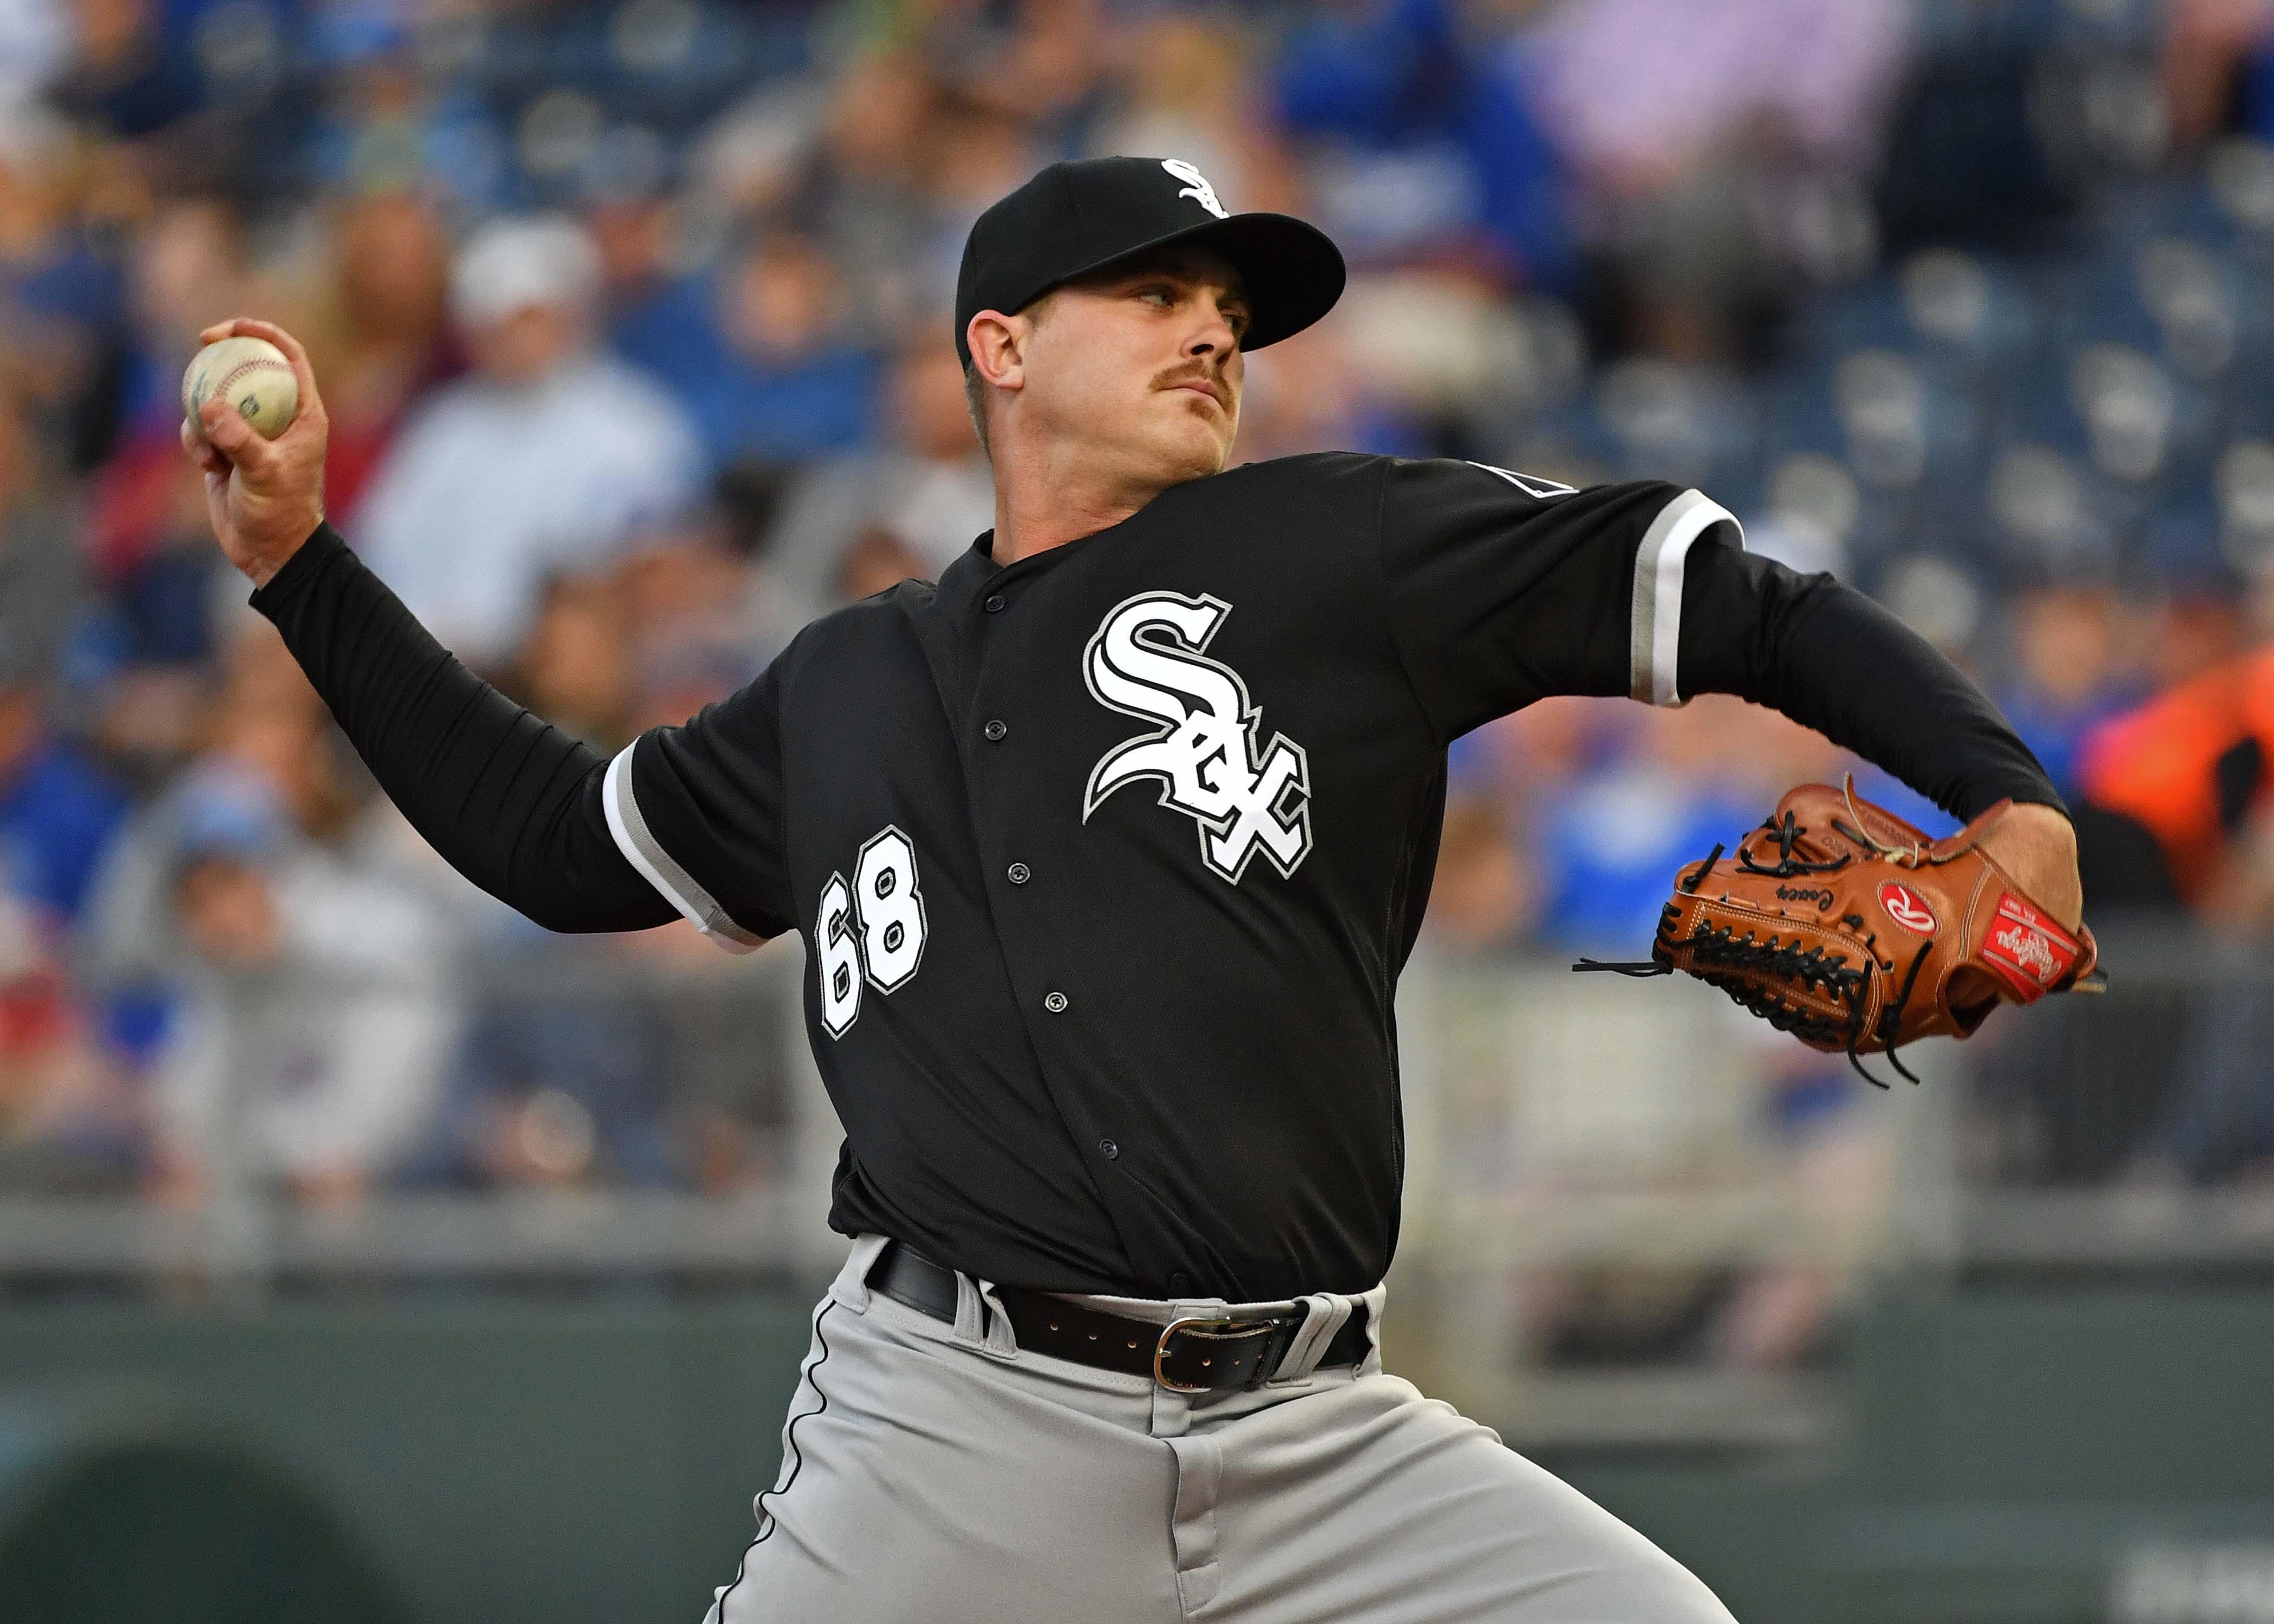 MLB: Game Two-Chicago White Sox at Kansas City Royals